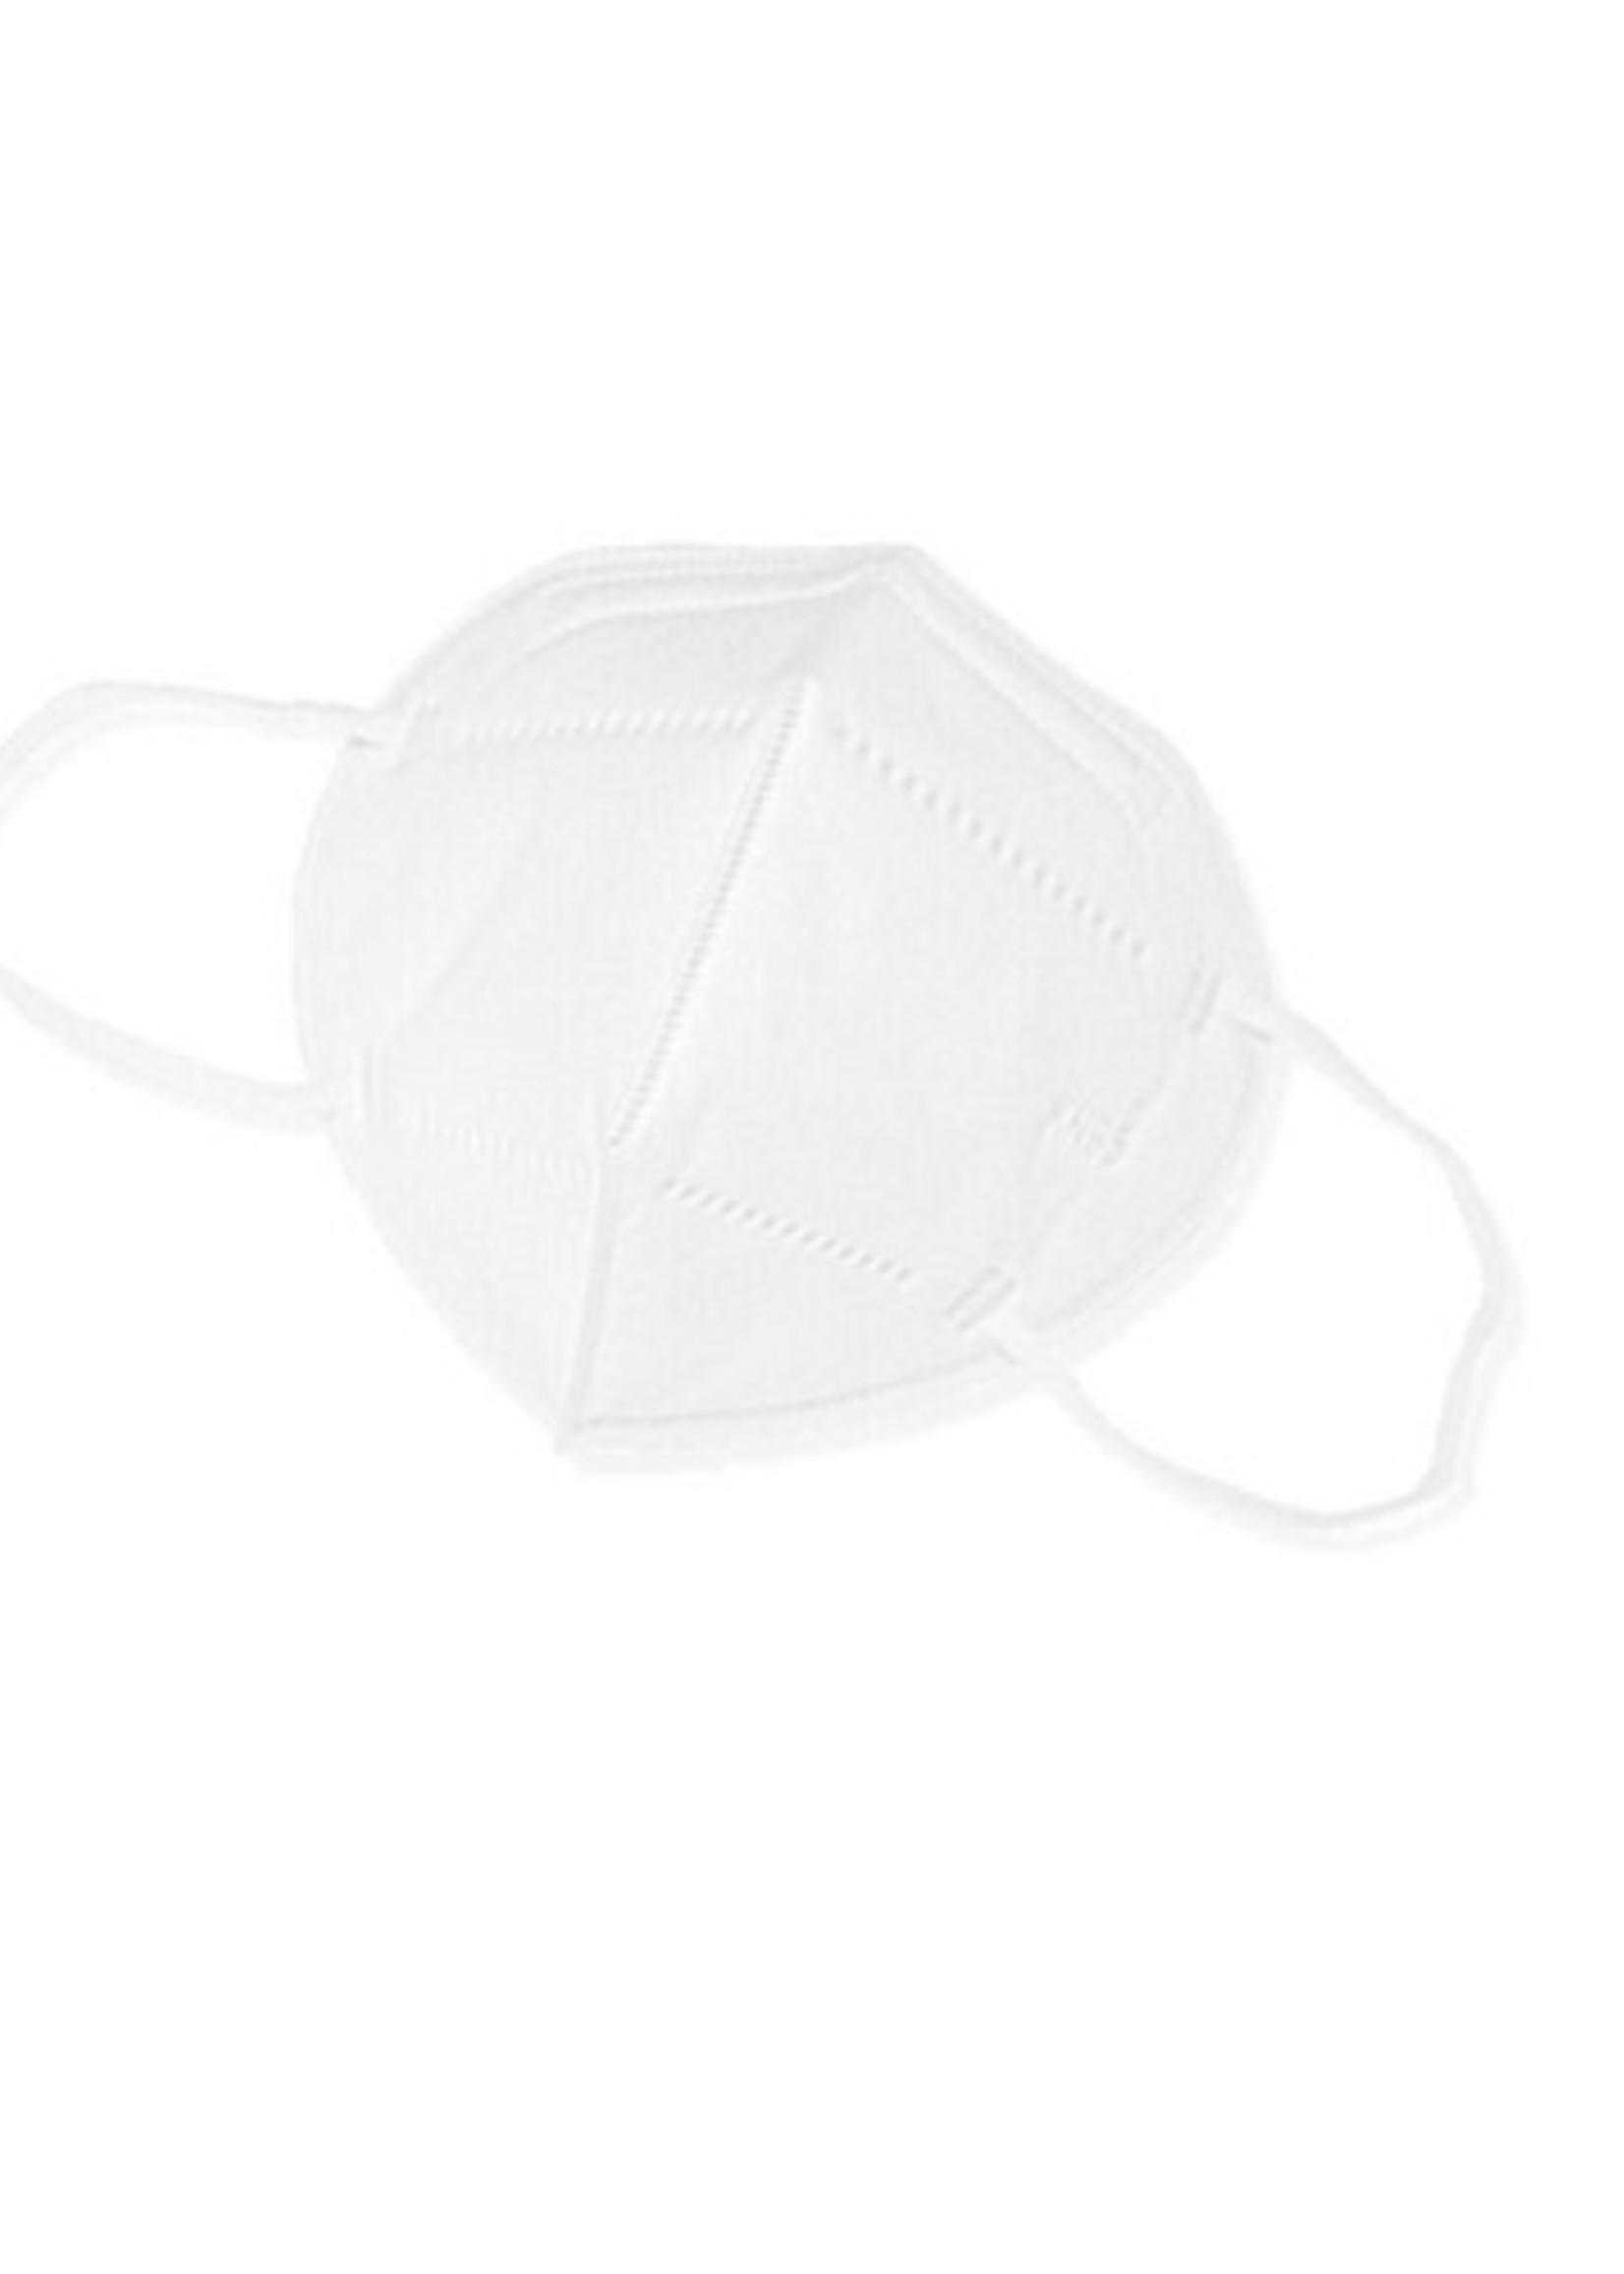 Mondmasker (1 stuks) | FFP2/KN95 | 4-laags | Stofmasker | Wegwerp